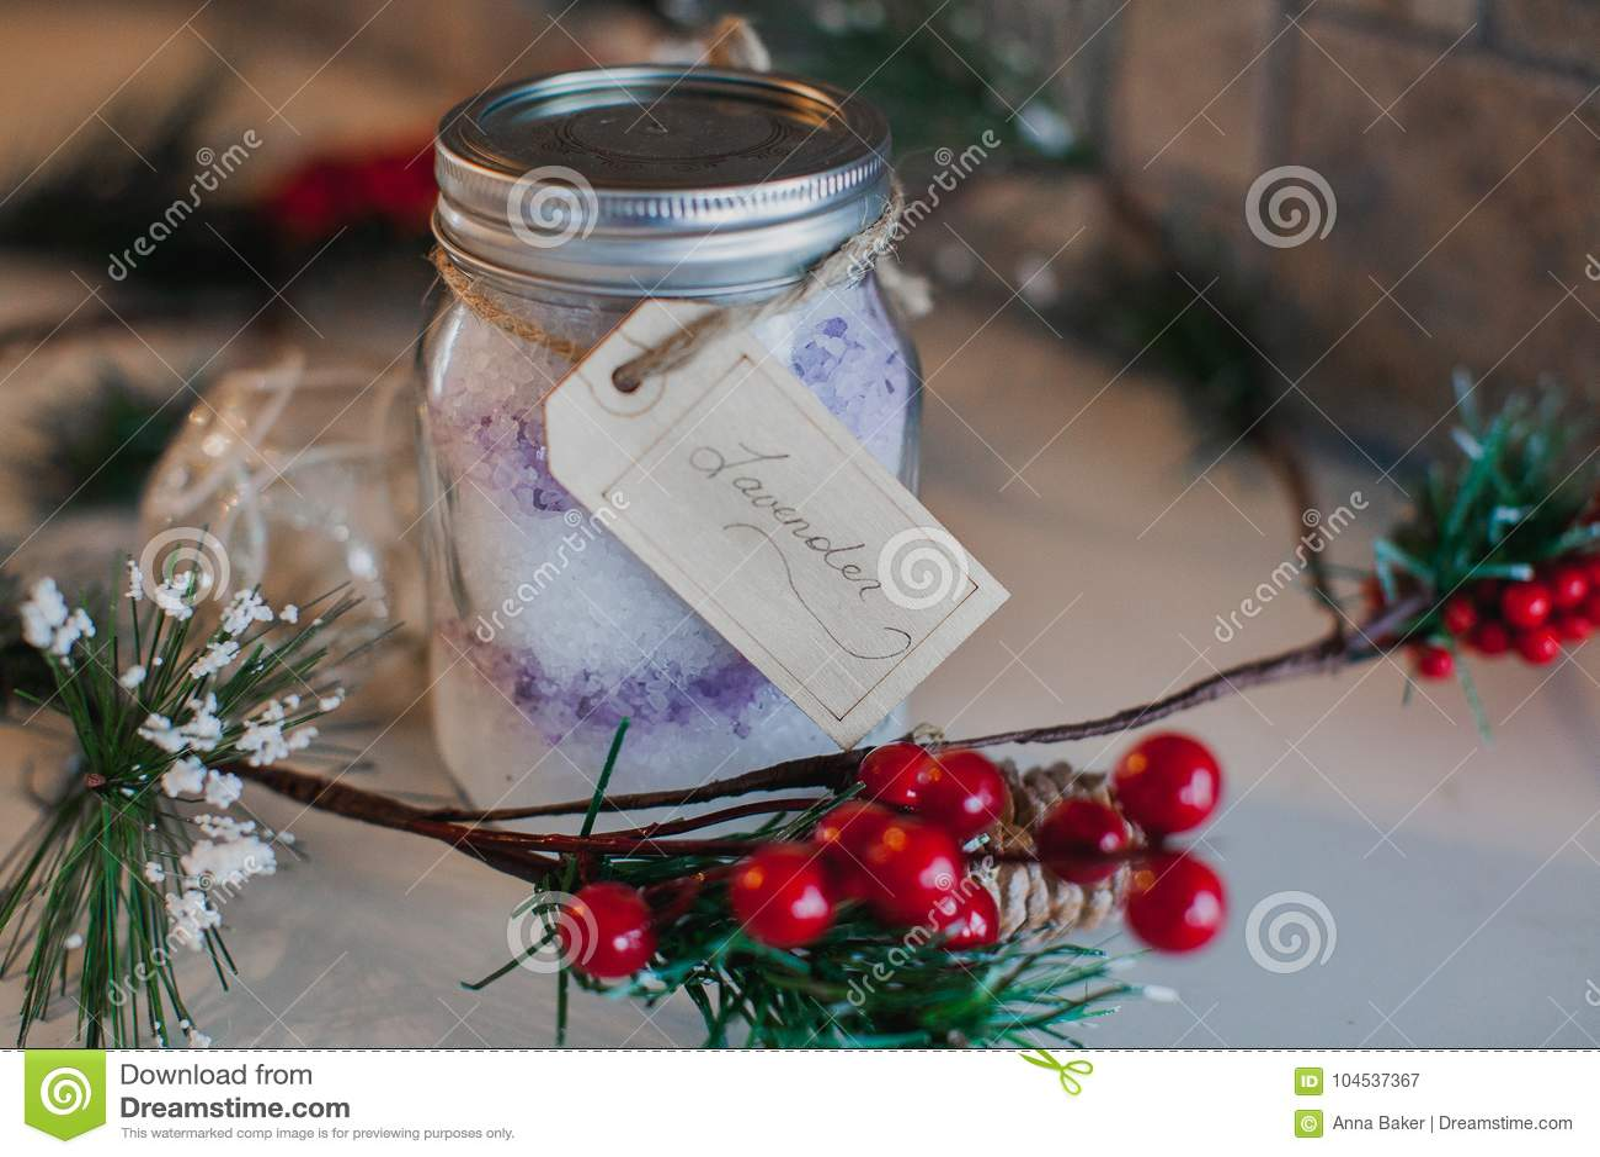 Weihnachten Mason Jar gefüllt mit Bittersalze